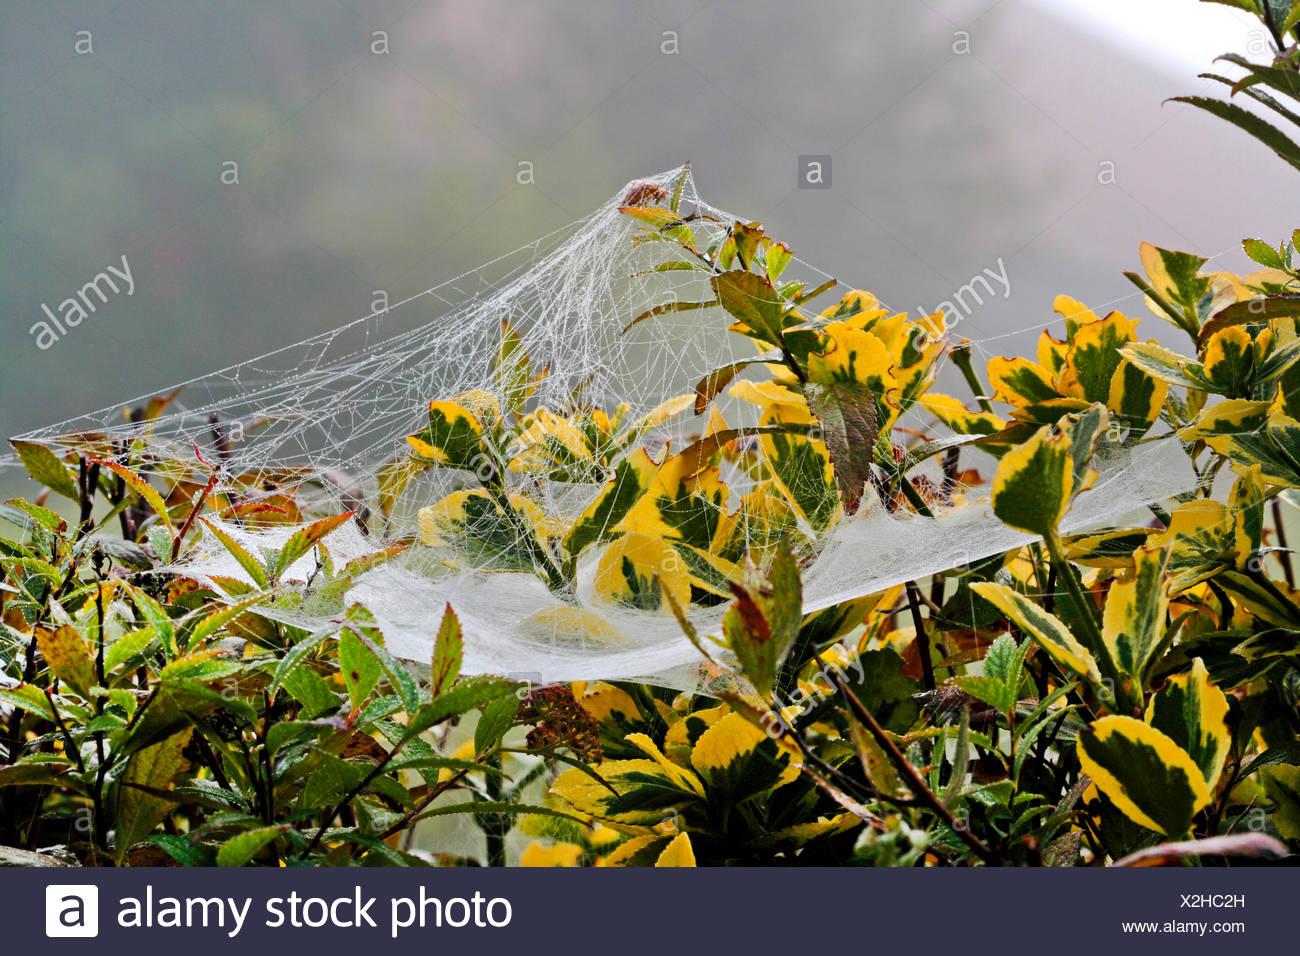 Gemeine Baldachinspinne, Baldachinspinne, Baldachin-Spinne (Linyphia triangularis), Spinnennetz mit Morgentau, Deutschland   She - Stock Image